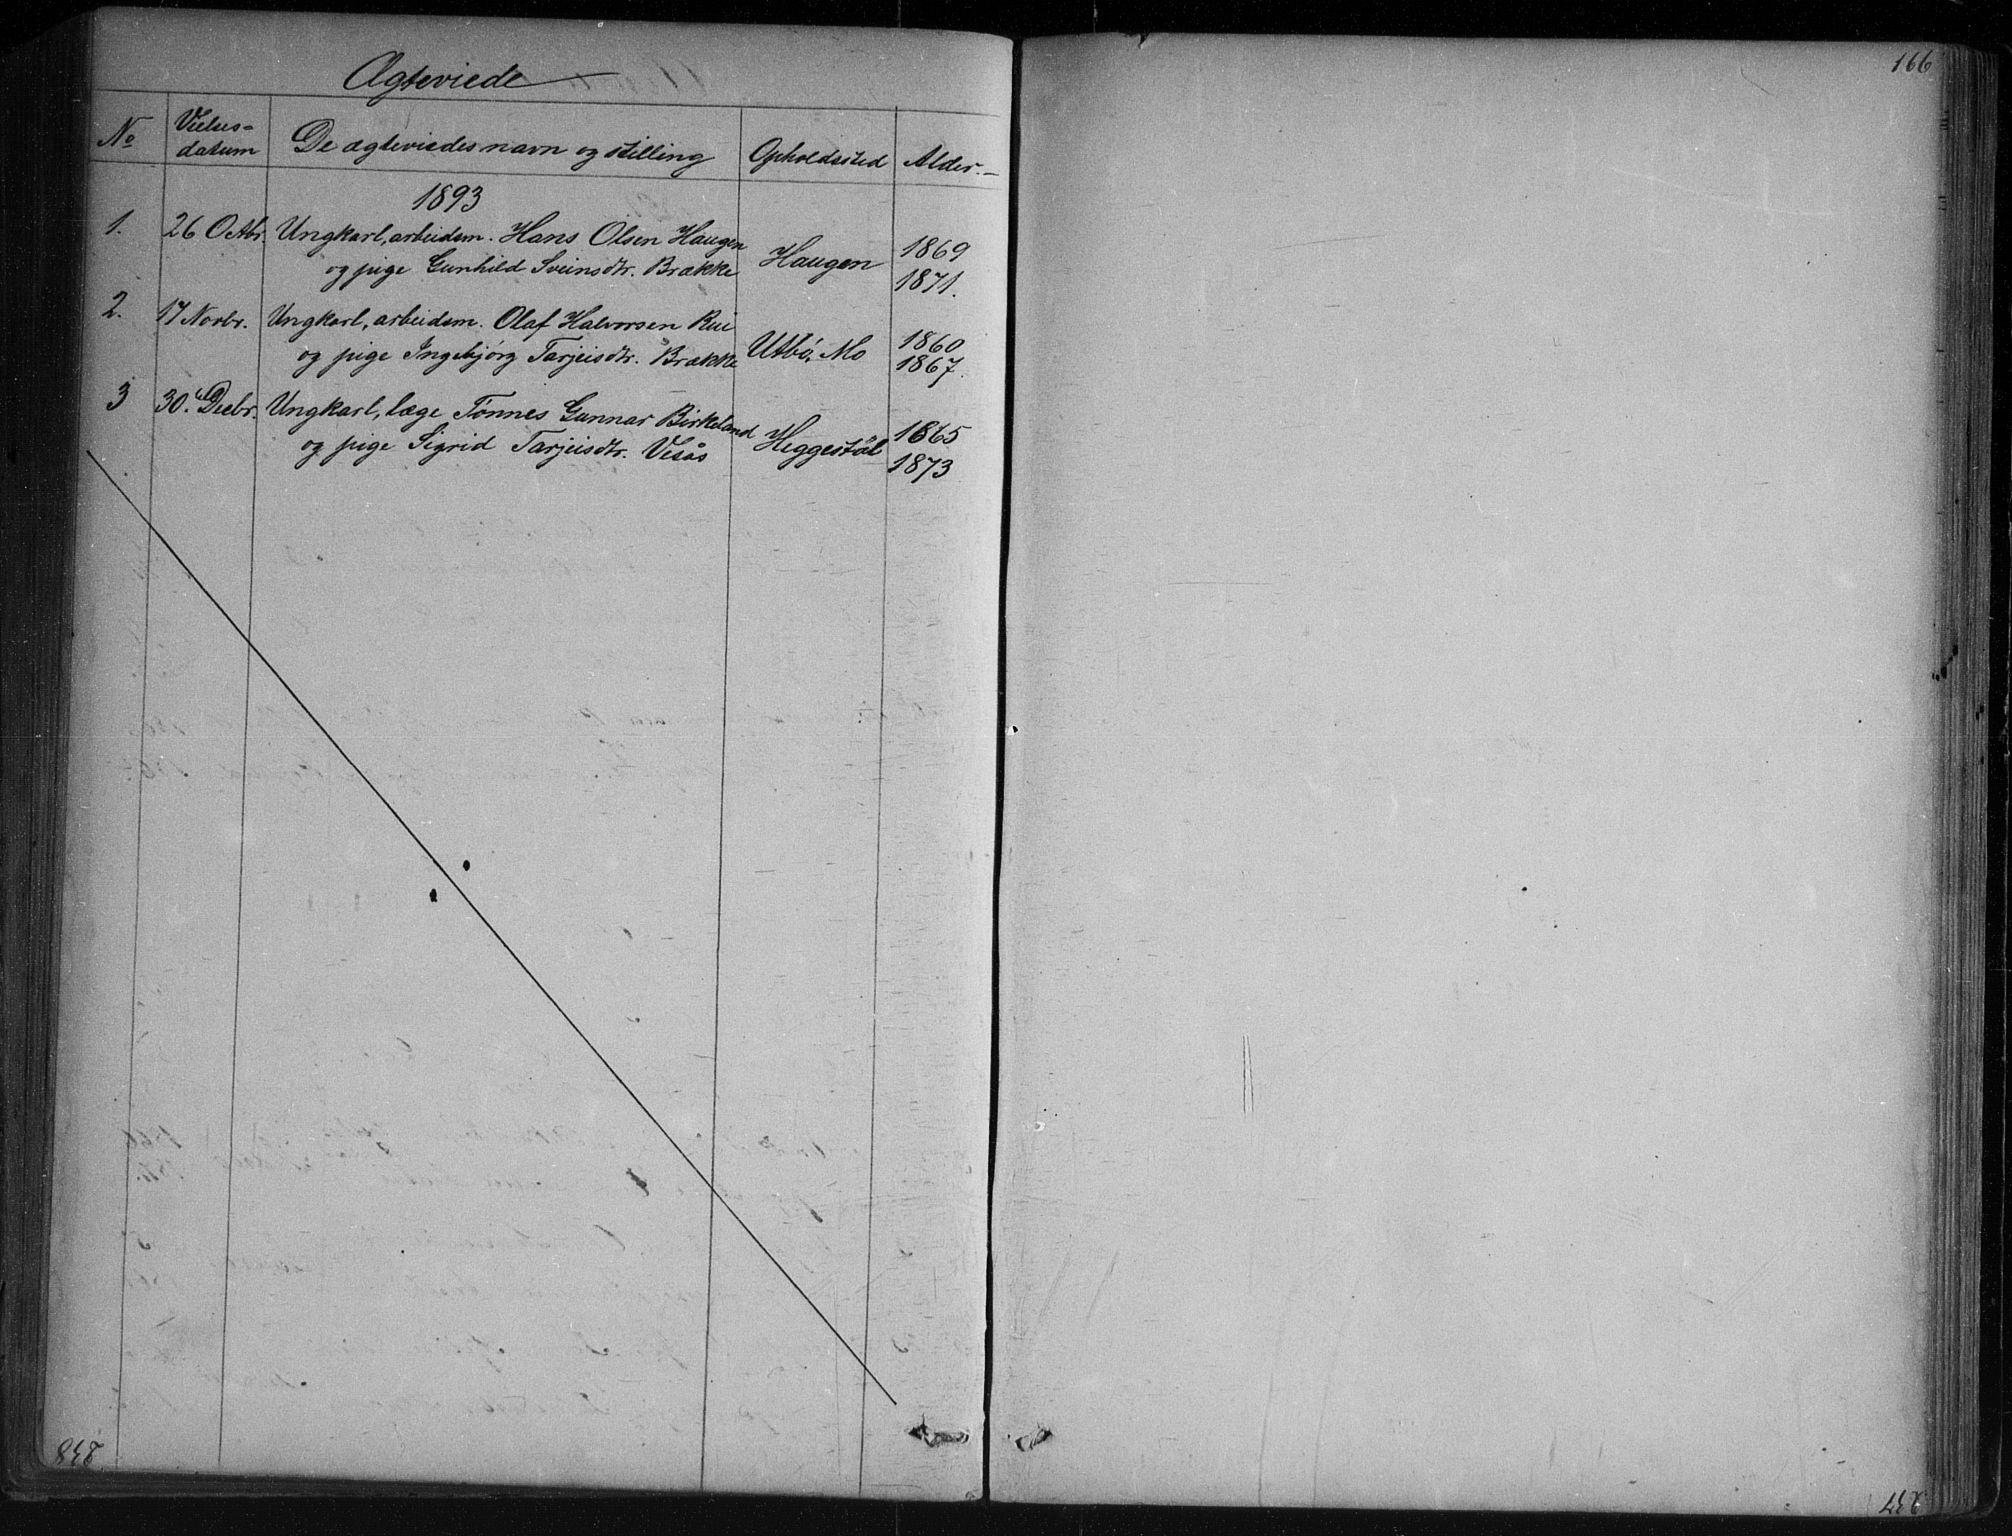 SAKO, Vinje kirkebøker, G/Ga/L0002: Klokkerbok nr. I 2, 1849-1893, s. 166